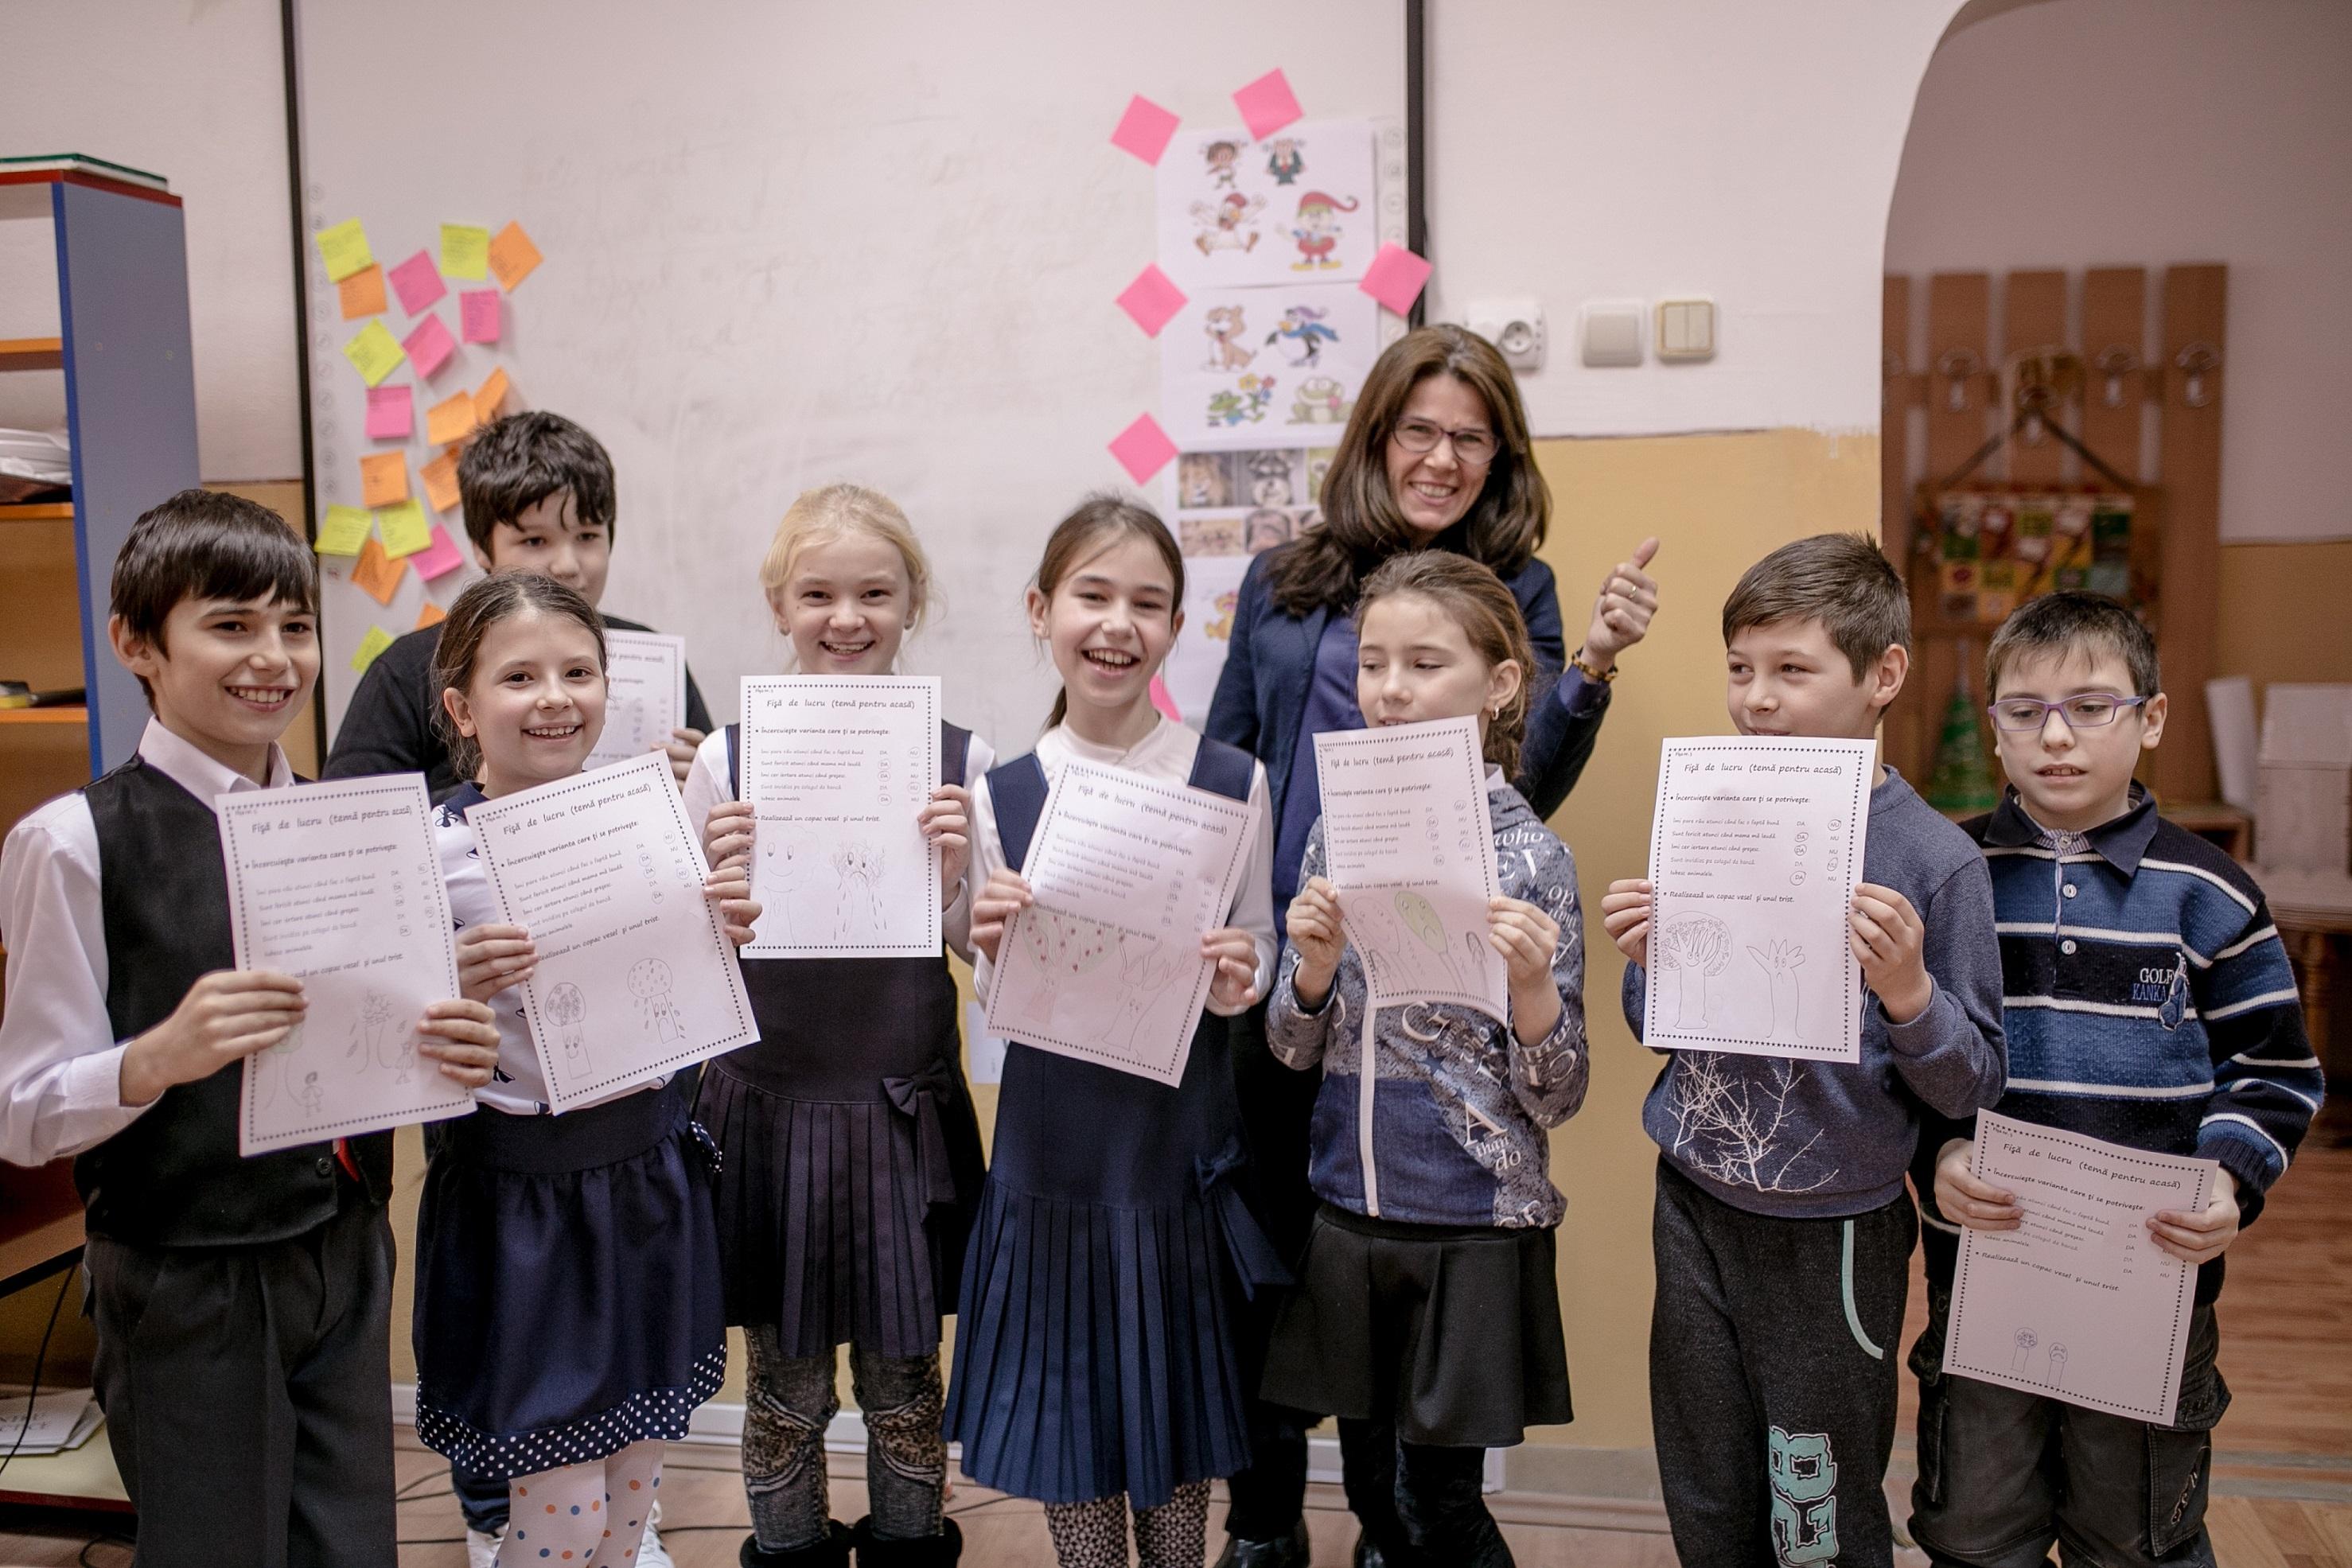 FinanÈ›are de 220.000 de euro pentru educaÈ›ia copiilor cu risc de abandon È™colar